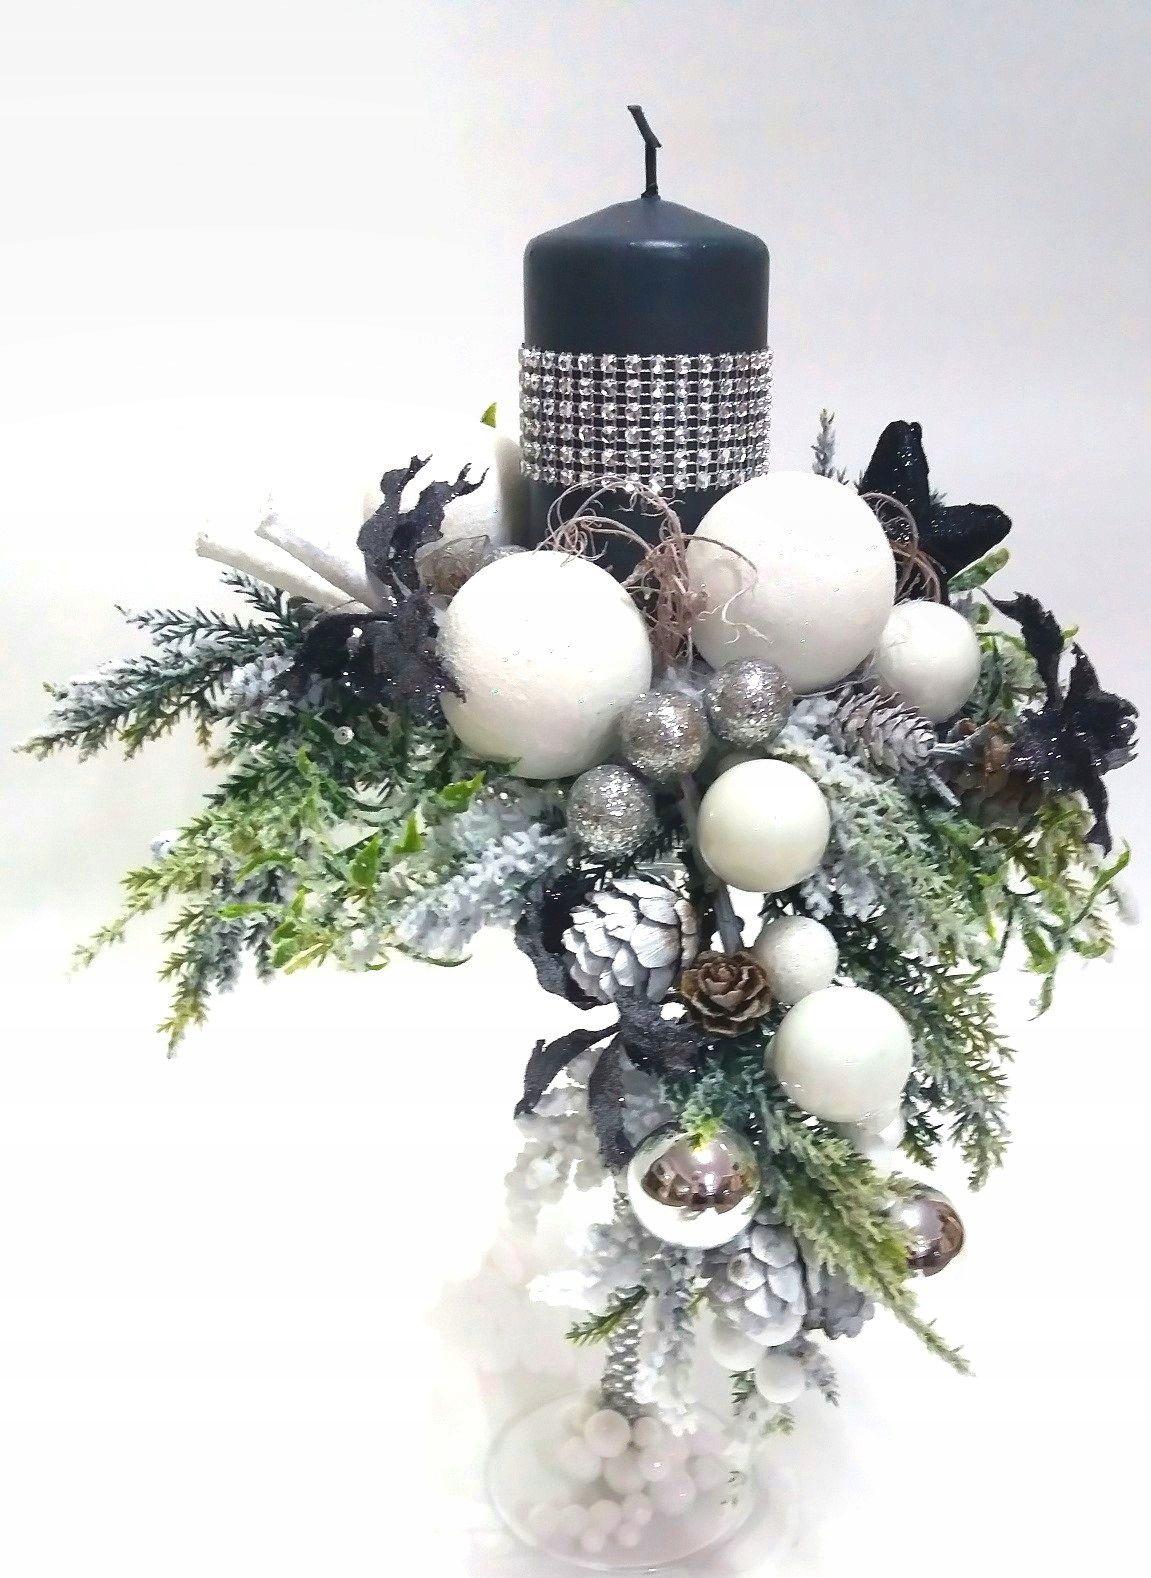 Swiecznik Swiateczny Bozonarodzeniowy Szklo Stroik 5806165293 Oficjalne Archiwum Allegro Christmas Floral Arrangements Holiday Decor Christmas Christmas Flower Arrangements